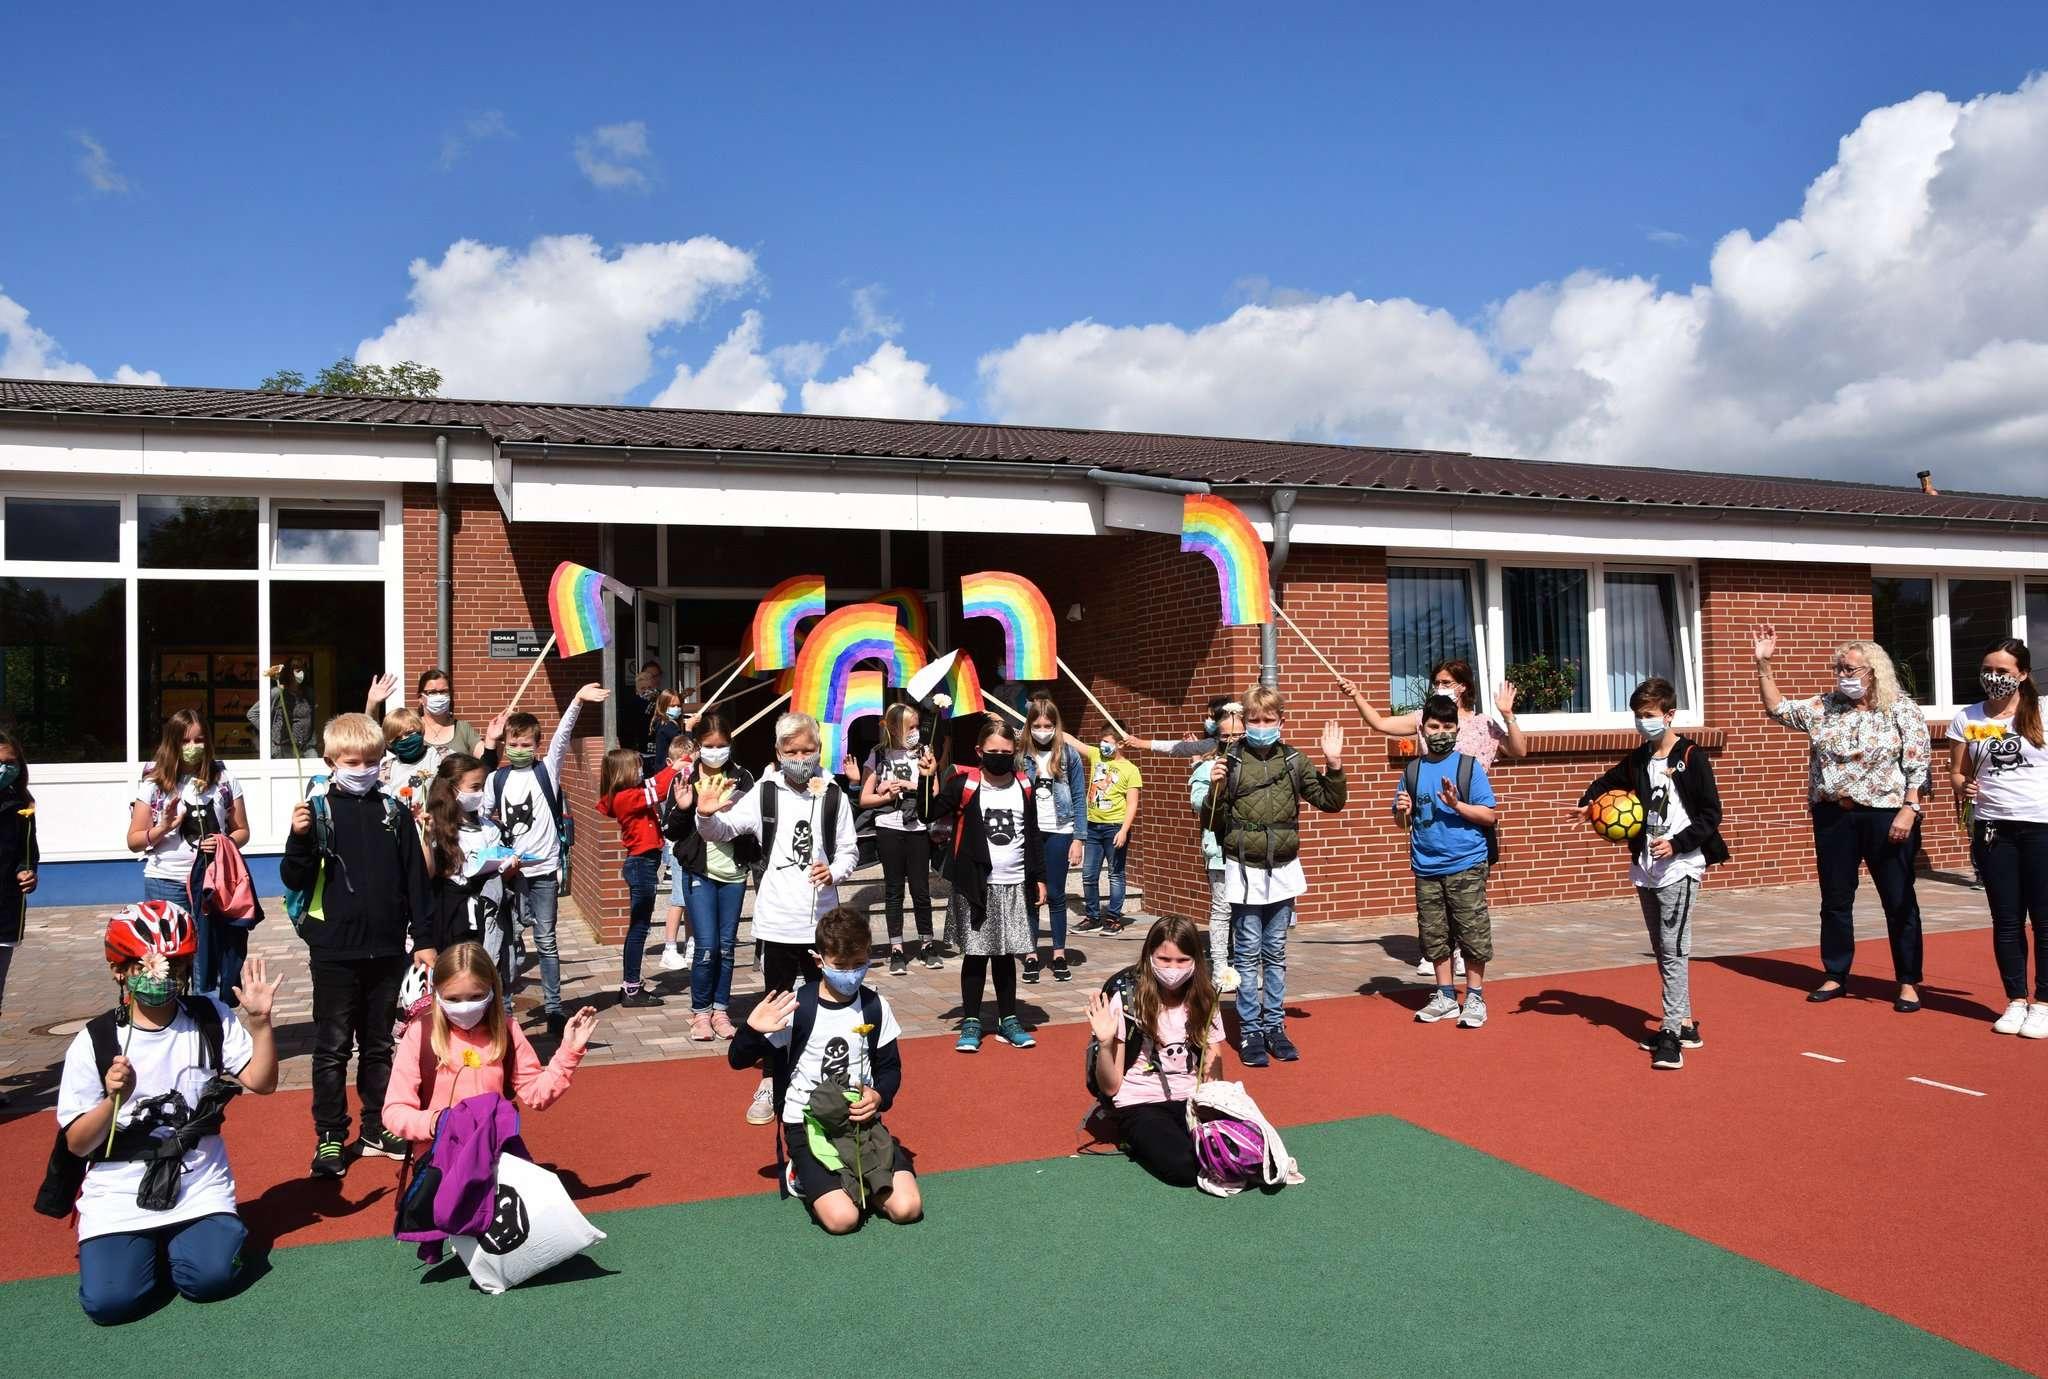 Trotz der Corona bedingten Regeln wurden die Abschlussschüler aus den vierten Klassen feierlich verabschiedet. Fotos: Heidrun Meyer